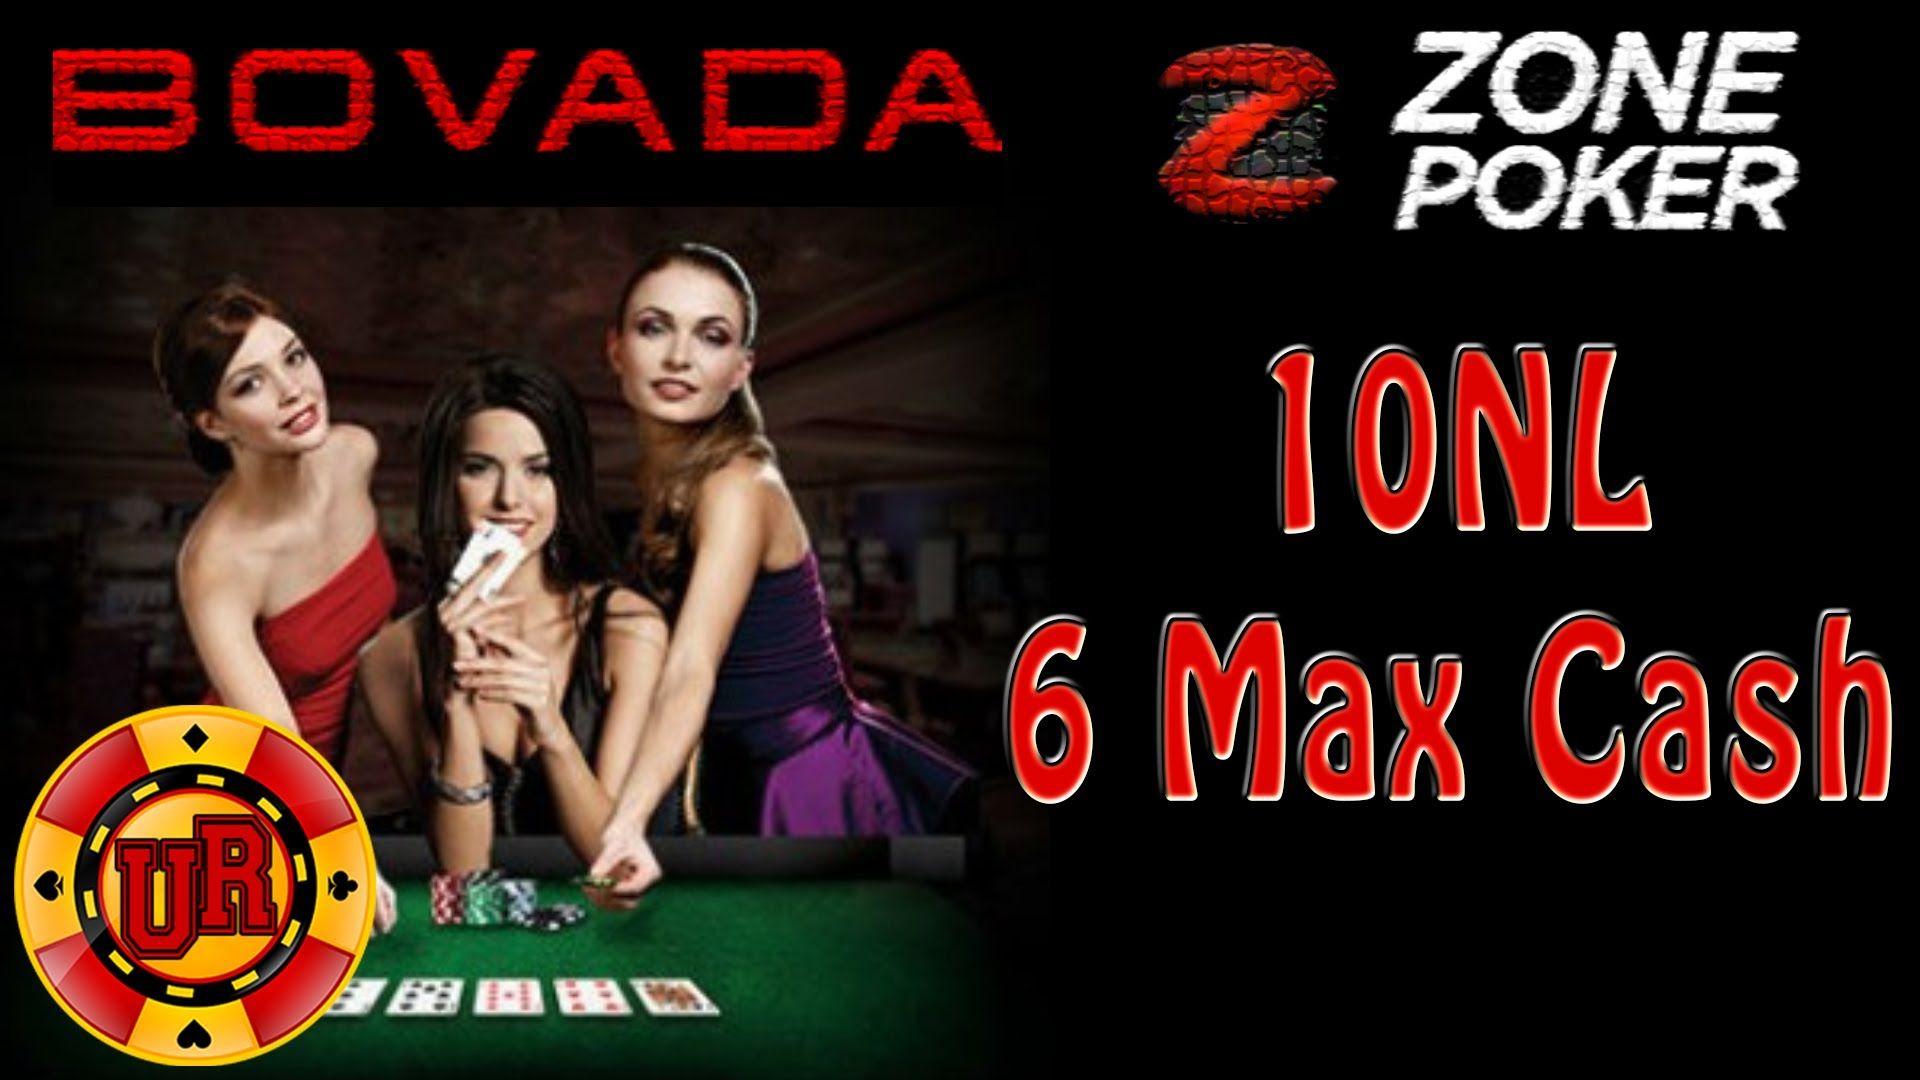 10NL Bovada Poker Zone Poker EP 1 Texas Holdem Poker